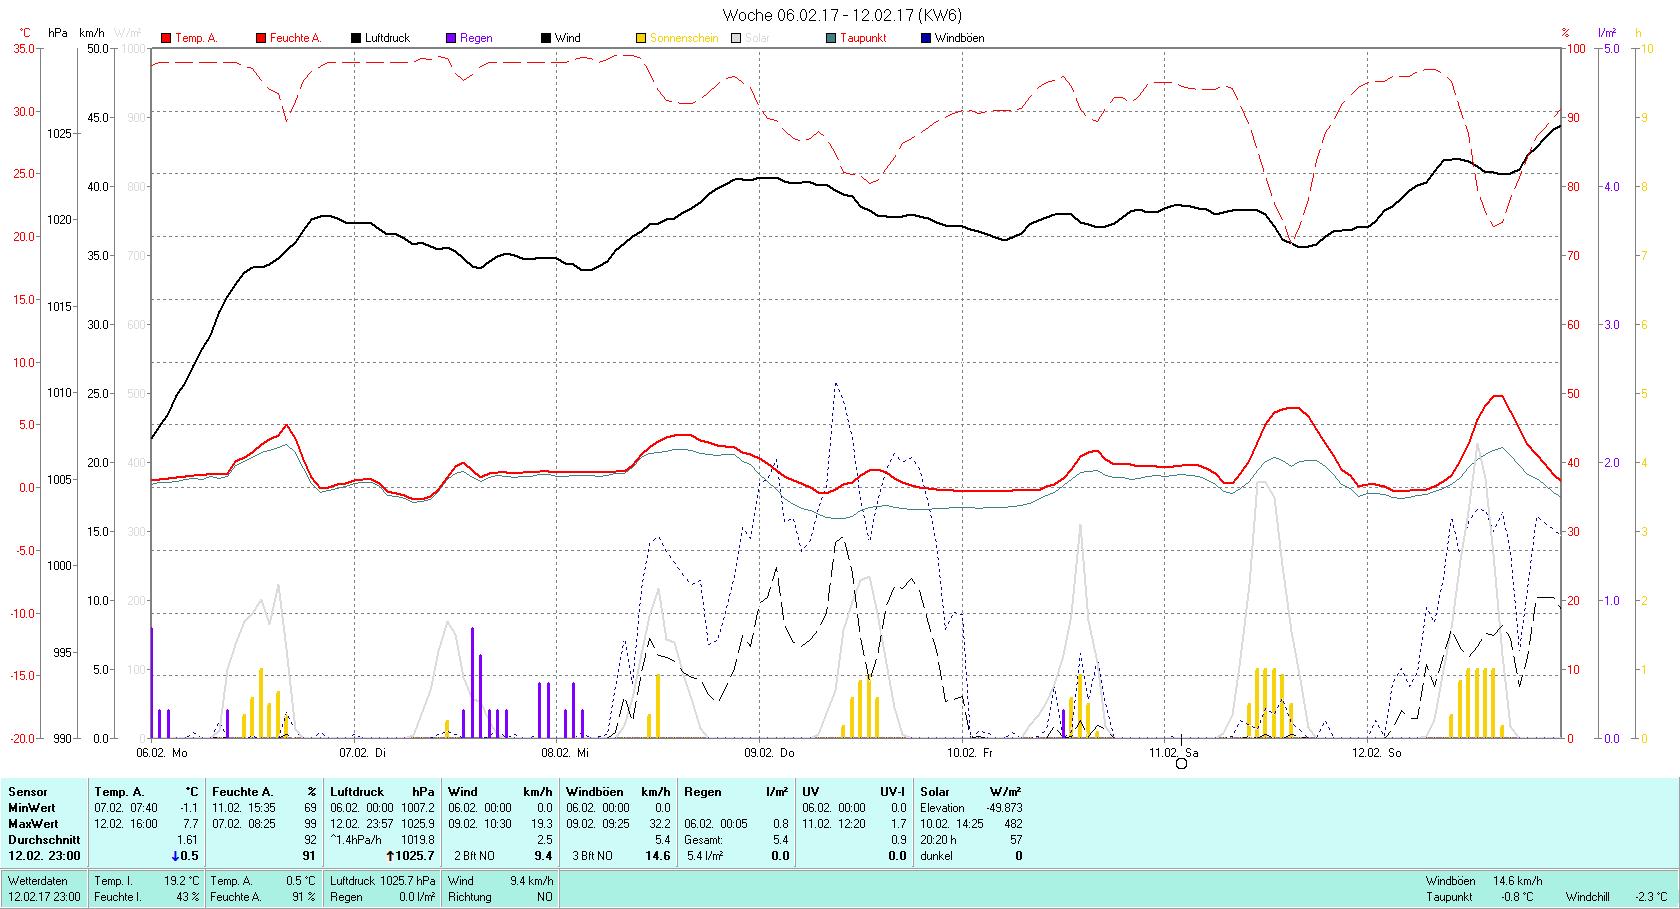 KW 6 Tmin -1.1°C, Tmax 7.7°C, Sonne 20:20h, Niederschlag 5.4mm/2